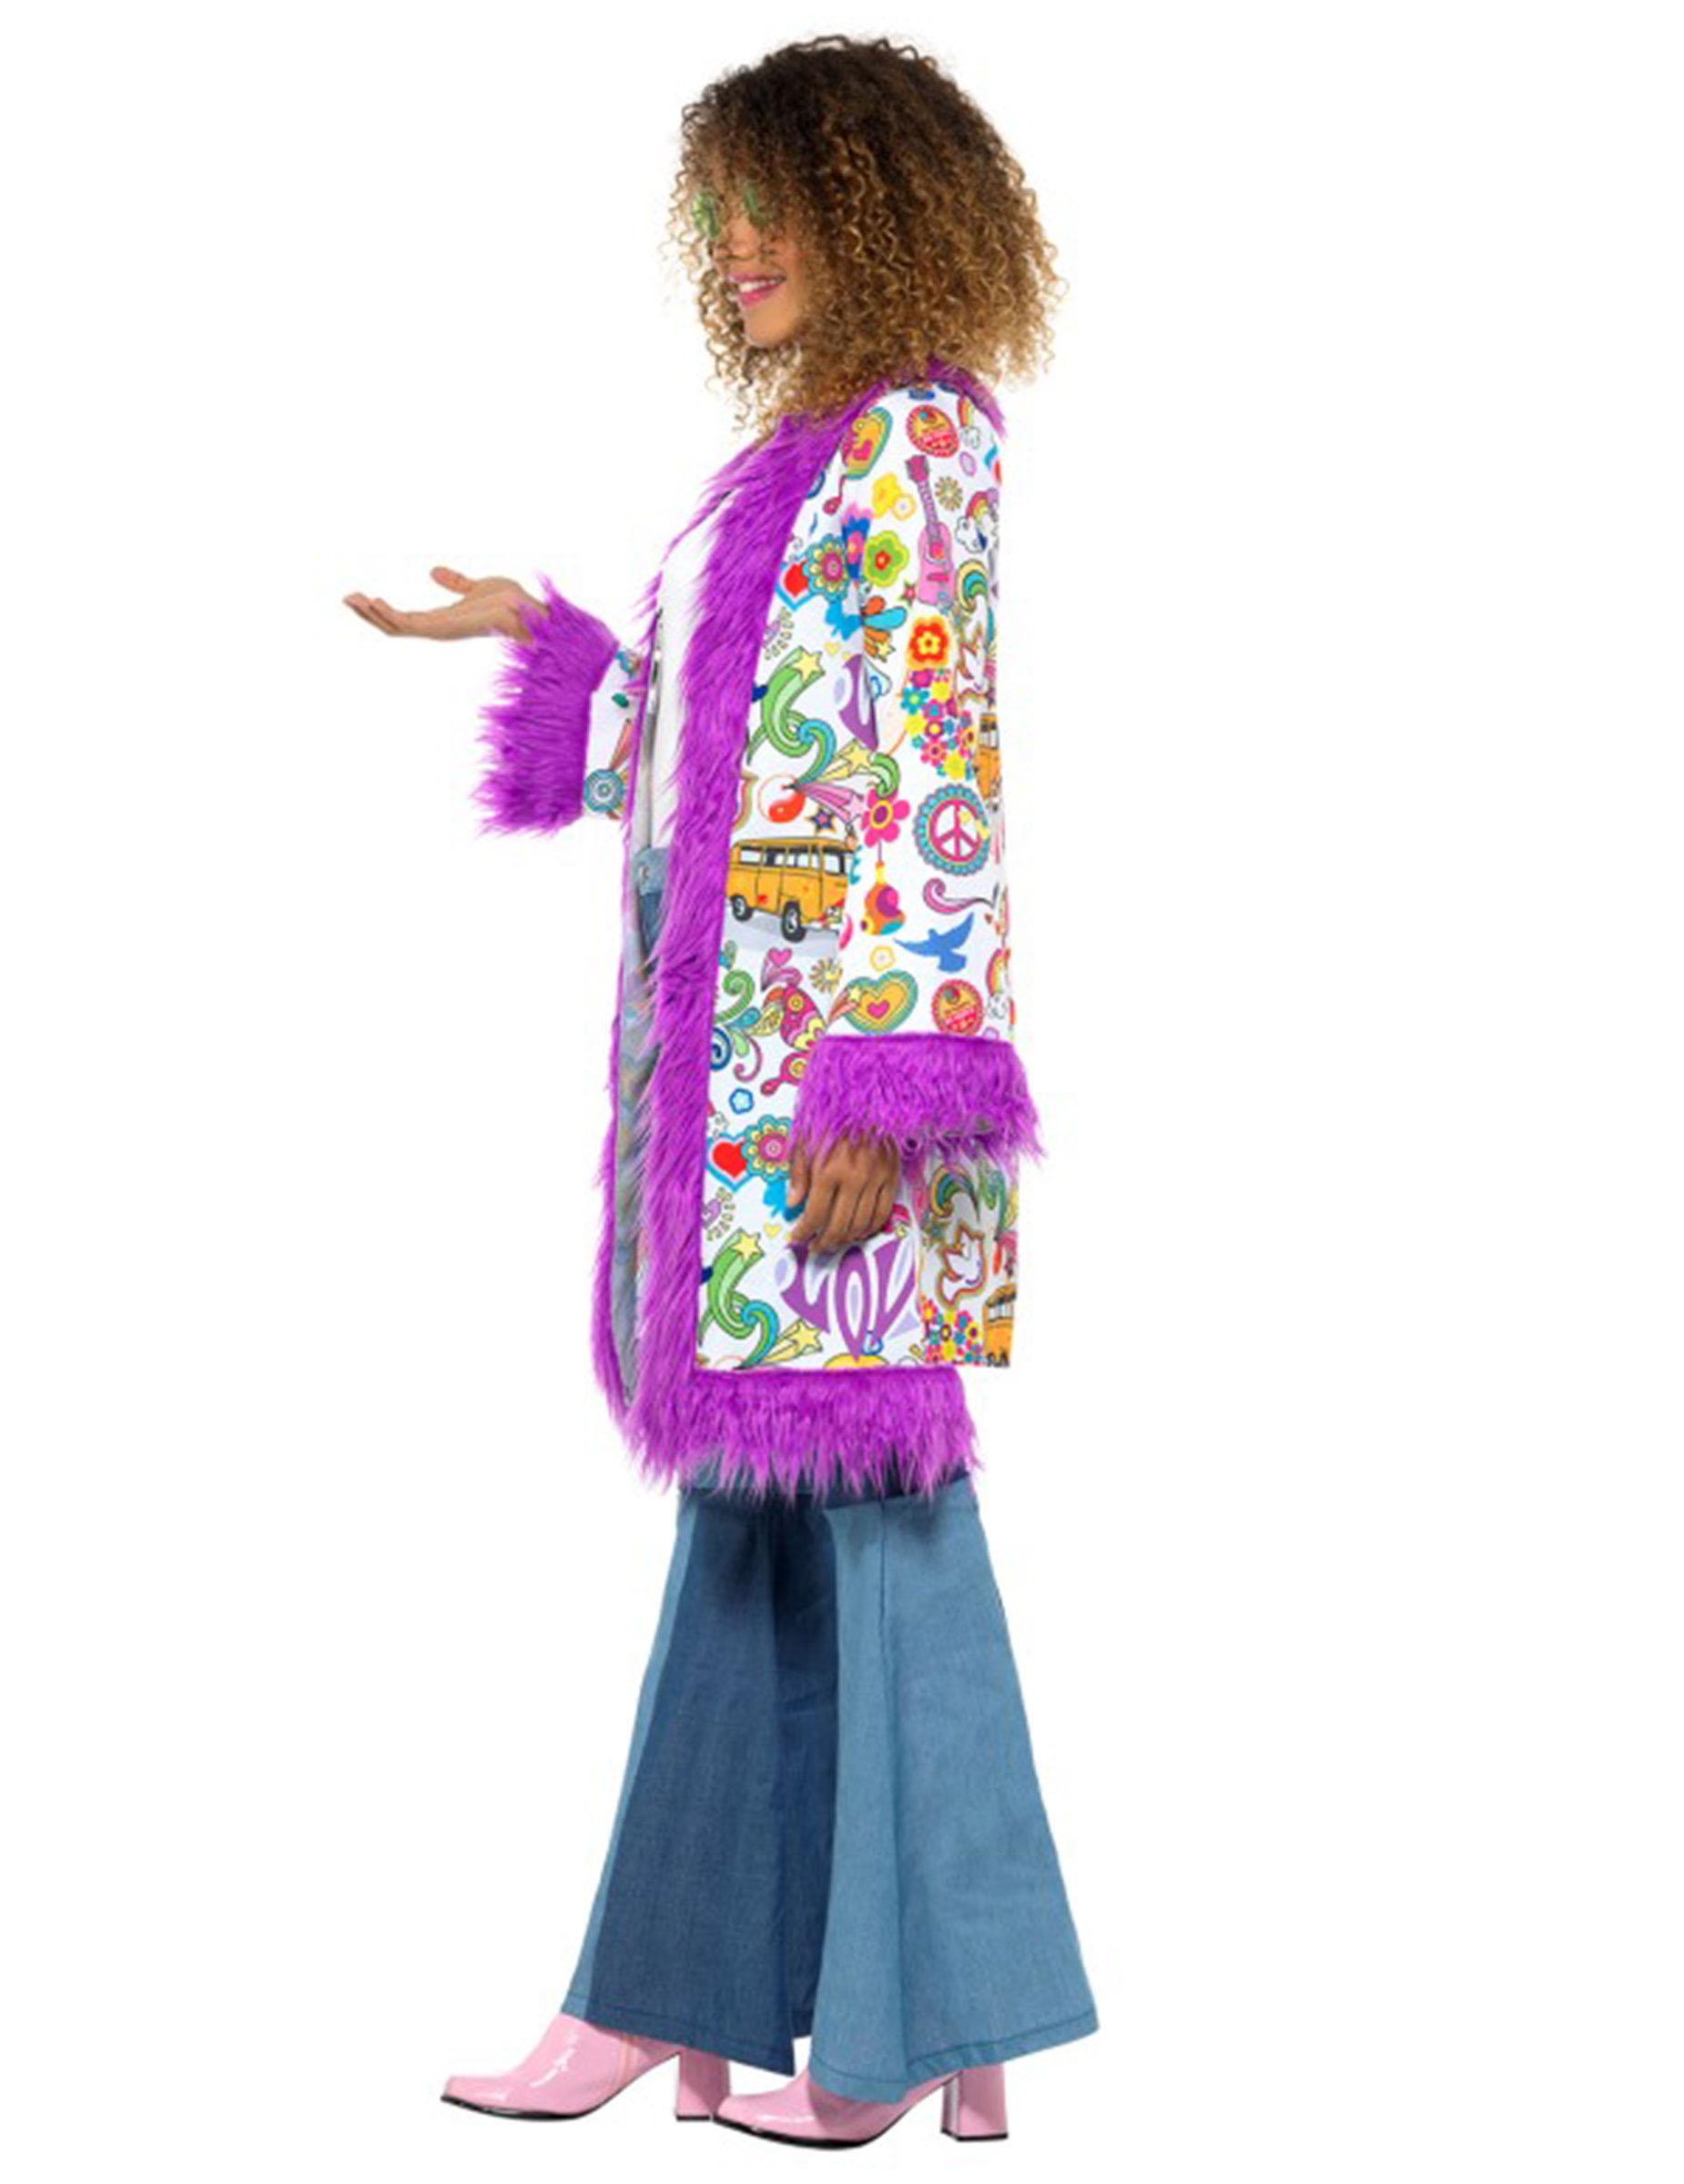 60er jahre hippie mantel f r damen lila kost me f r erwachsene und g nstige faschingskost me. Black Bedroom Furniture Sets. Home Design Ideas